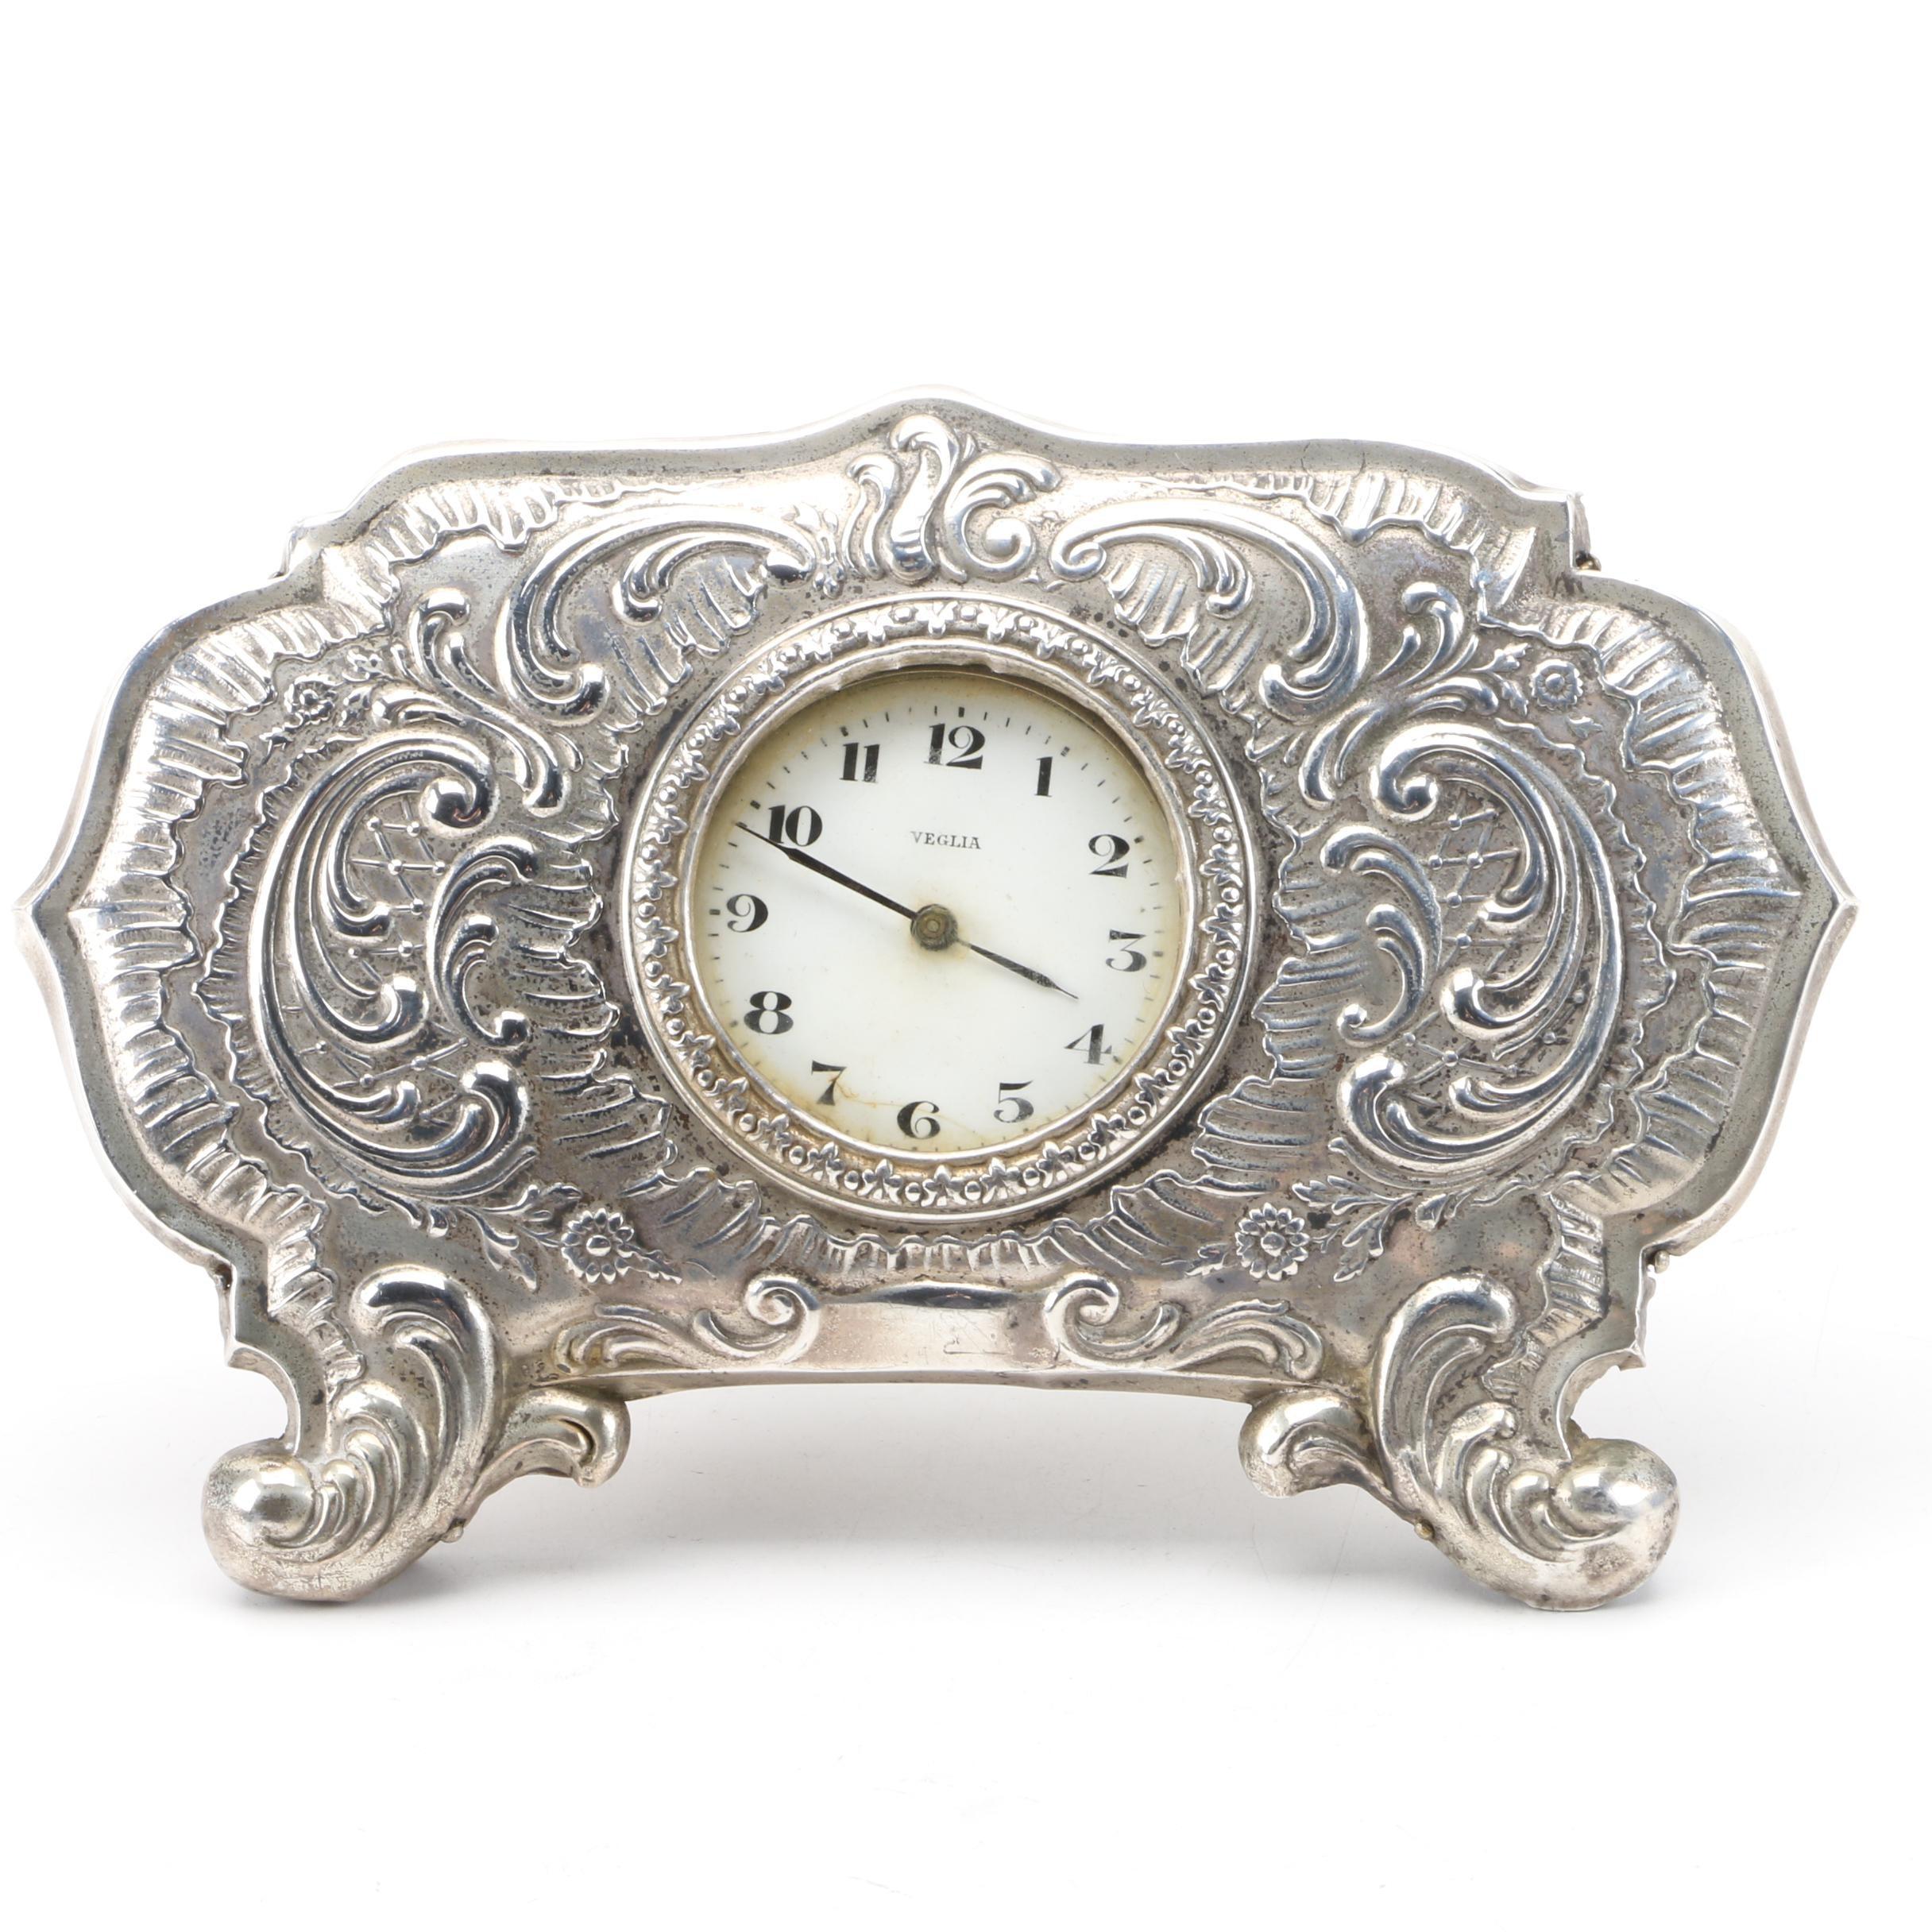 Veglia Silver Desk Clock